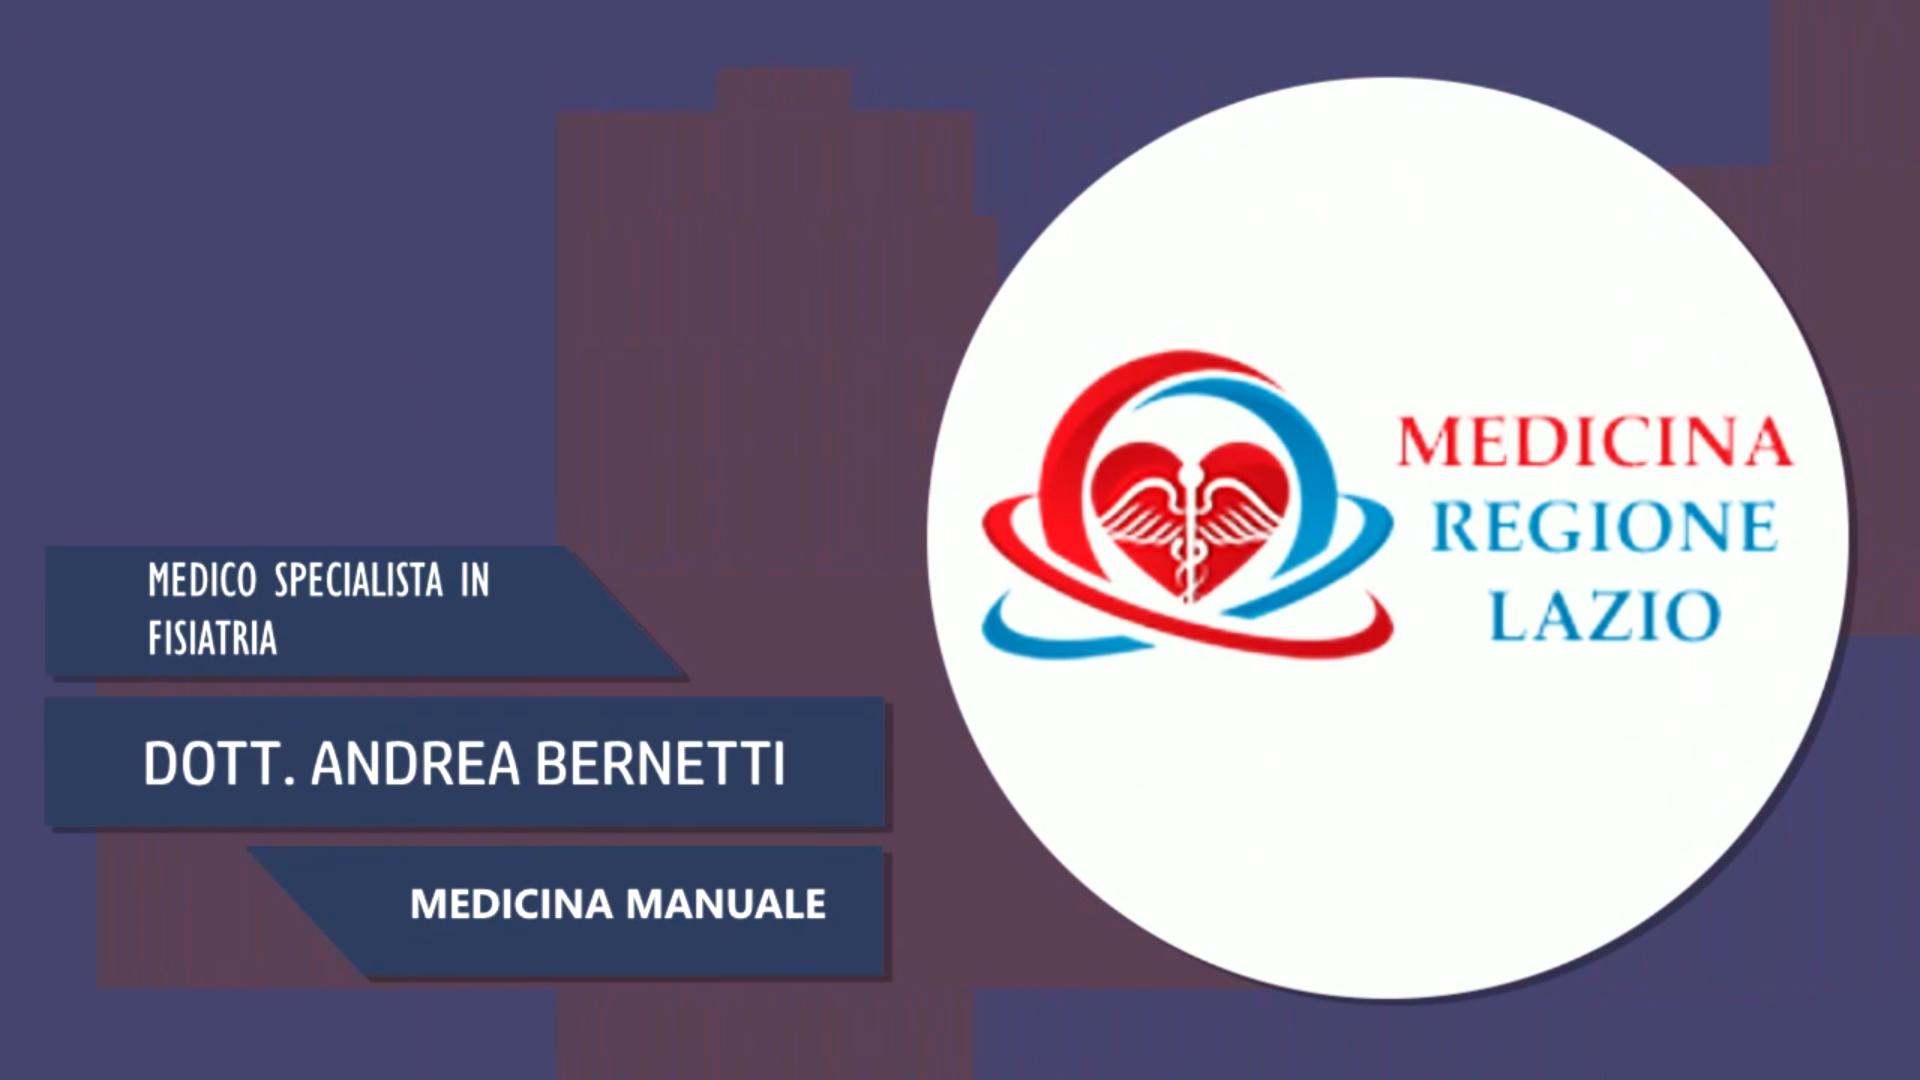 Intervista al Dott. Andrea Bernetti – Medicina manuale